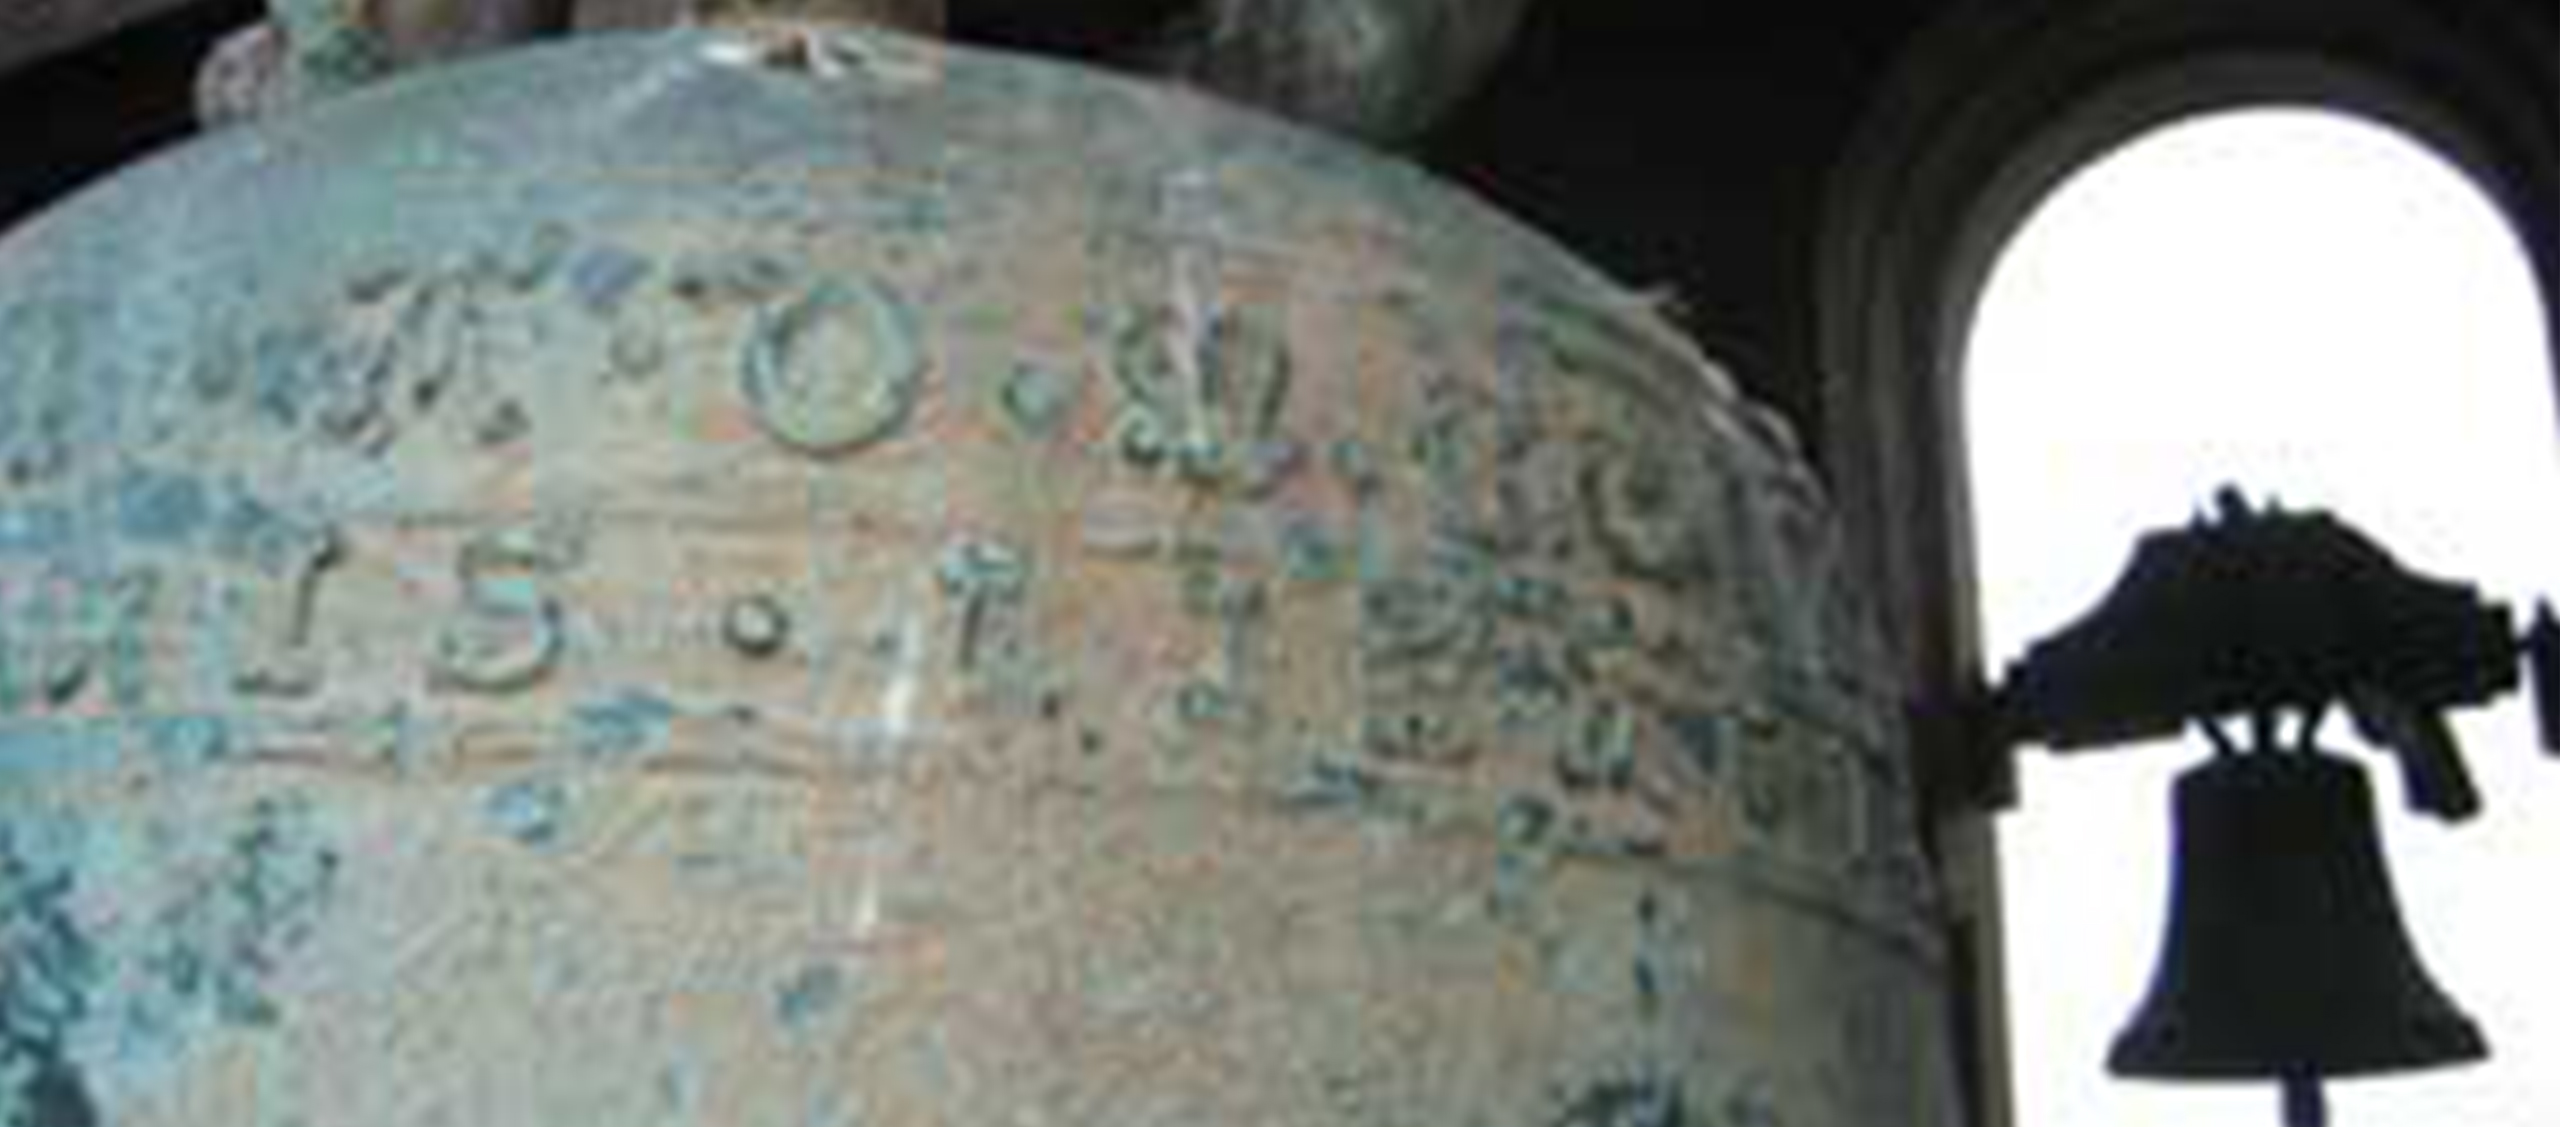 La più antica campana della Valdera: quella di Gherardo Pisano